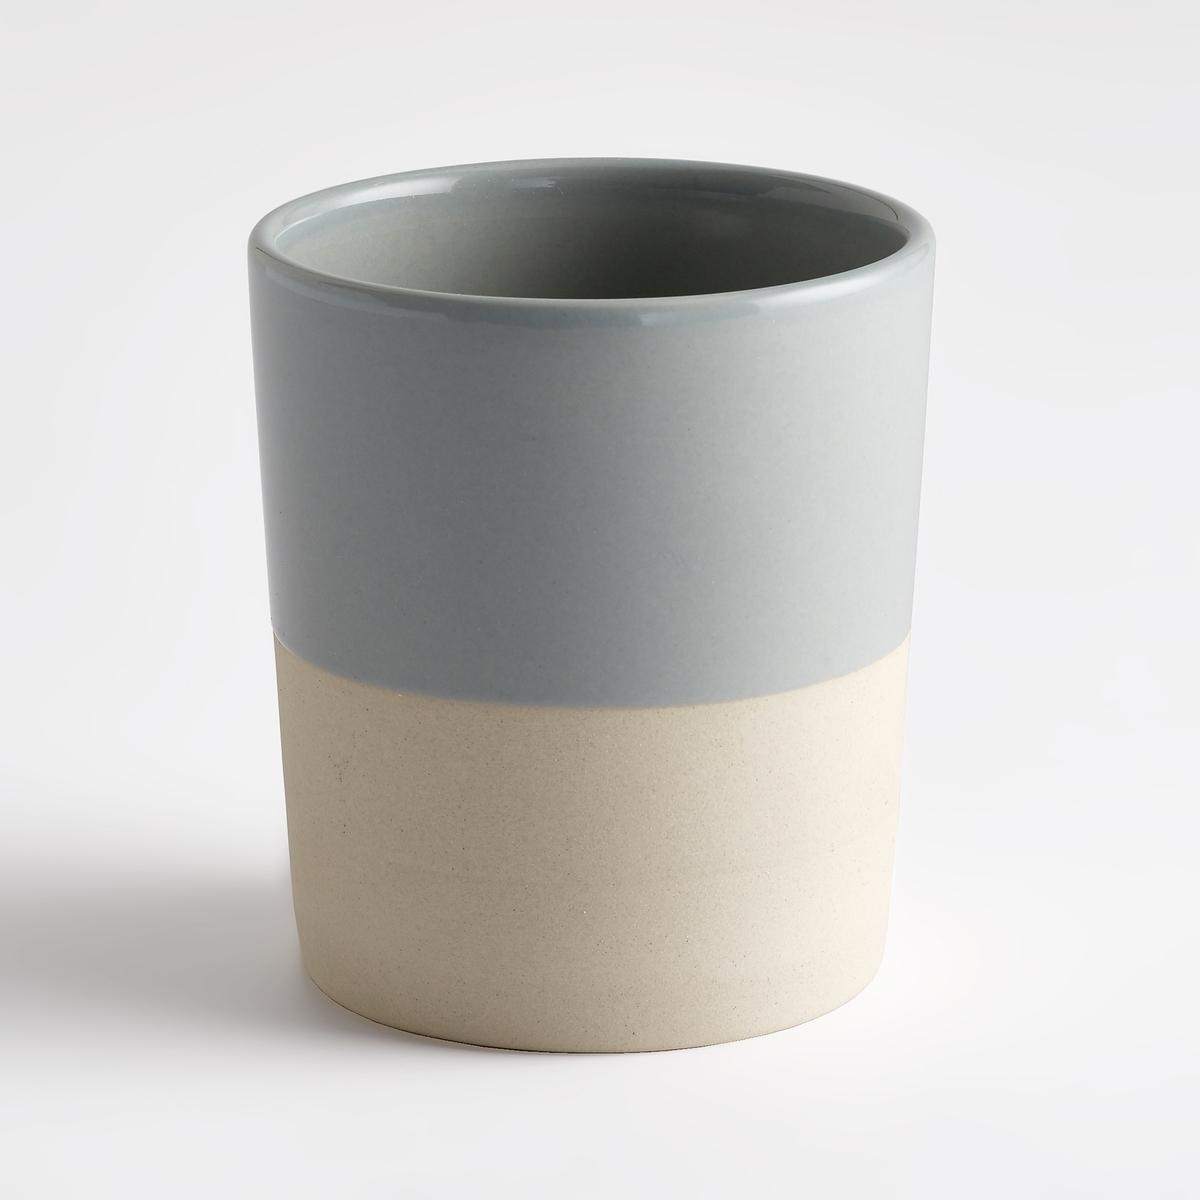 Комплект из 4 двухцветных чашек из керамики, WarotaЧашки Warota отличаются строгой и аутентичной формой и двухцветной контрастной расцветкой и сочетаются с любым стилем внутреннего декора. Характеристики 4 двухцветных чашек из керамики Warota :Из керамики. Дно из матовой керамики без глазури.Размеры 4 двухцветных чашек из керамики Warota :Диаметр. 8 x высота 9 см.Цвета 4 двухцветных чашек из керамики Warota :Керамика без глазури / розовый.Керамика без глазури / синий.Другие чашки и предметы декора стола вы можете найти на сайте laredoute.ru<br><br>Цвет: розовая пудра,синий